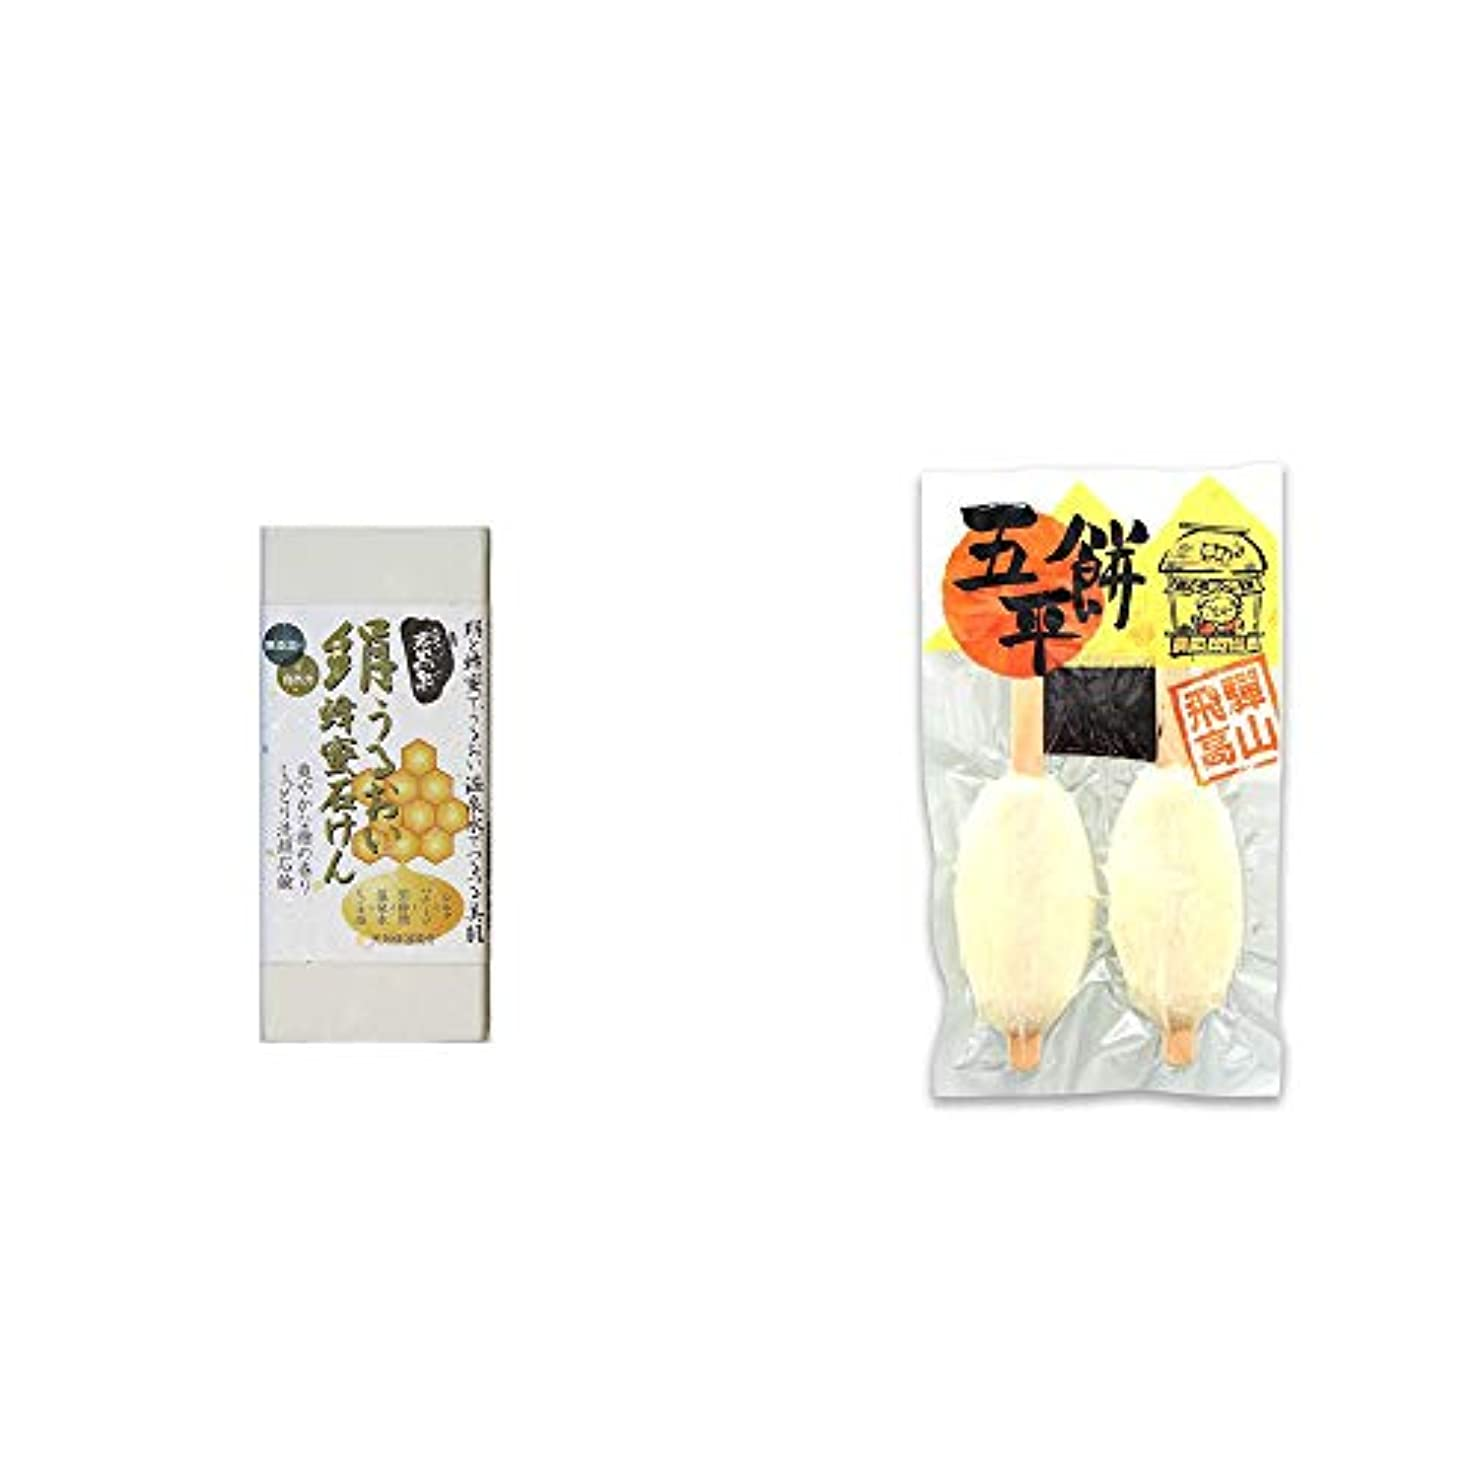 中傷しみ新年[2点セット] ひのき炭黒泉 絹うるおい蜂蜜石けん(75g×2)?飛騨高山 木や 五平餅(2本入)